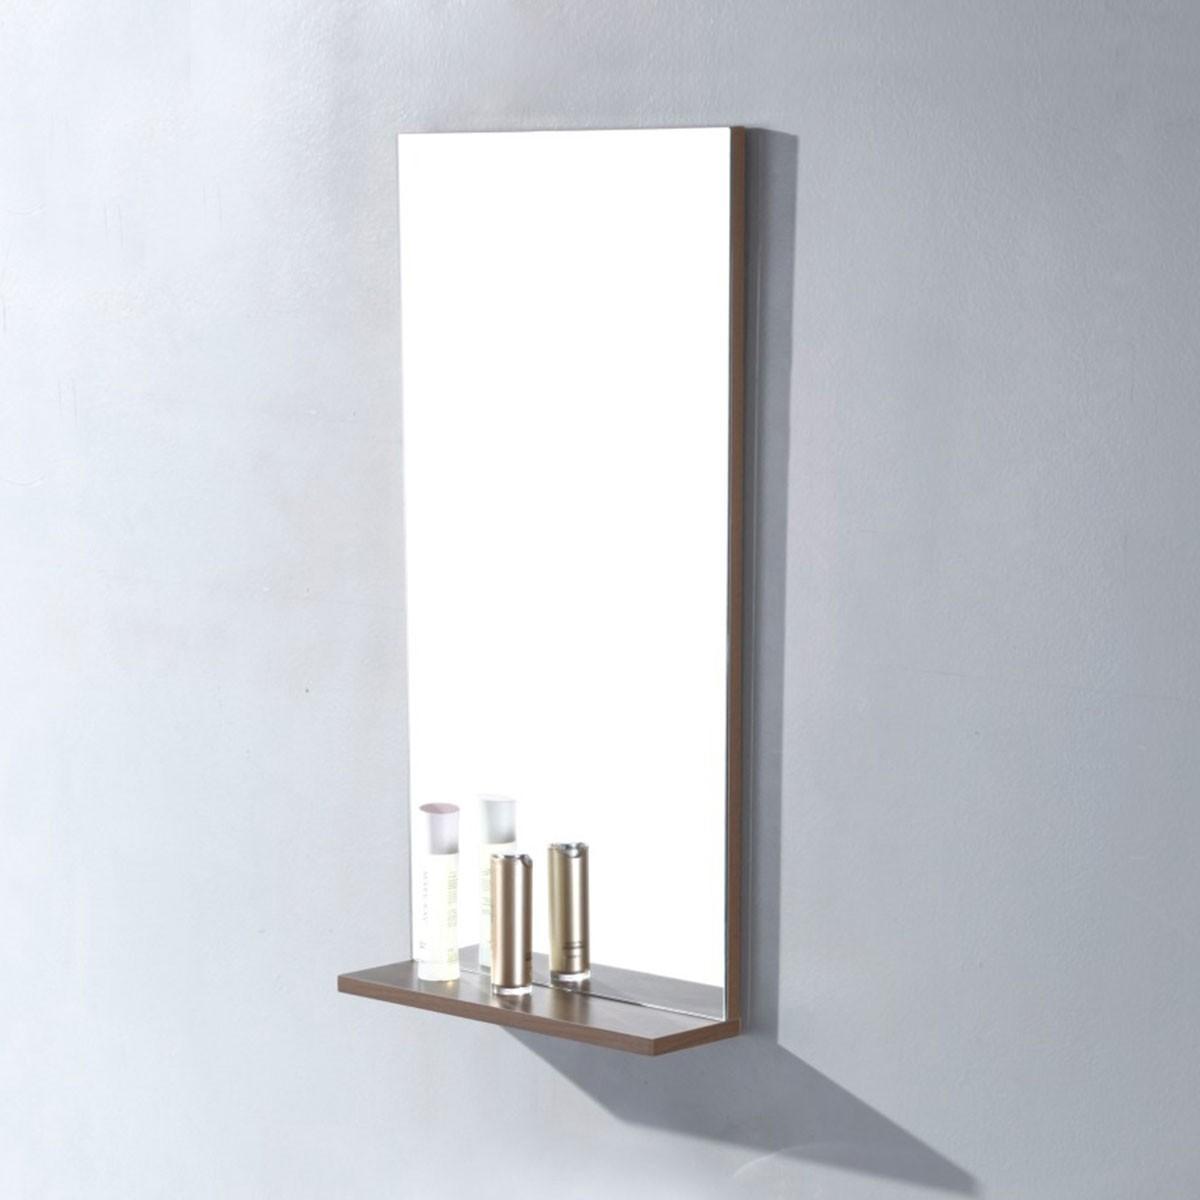 16 x 32 po Miroir pour vanité salle de bain avec étagère (MS400D-M)